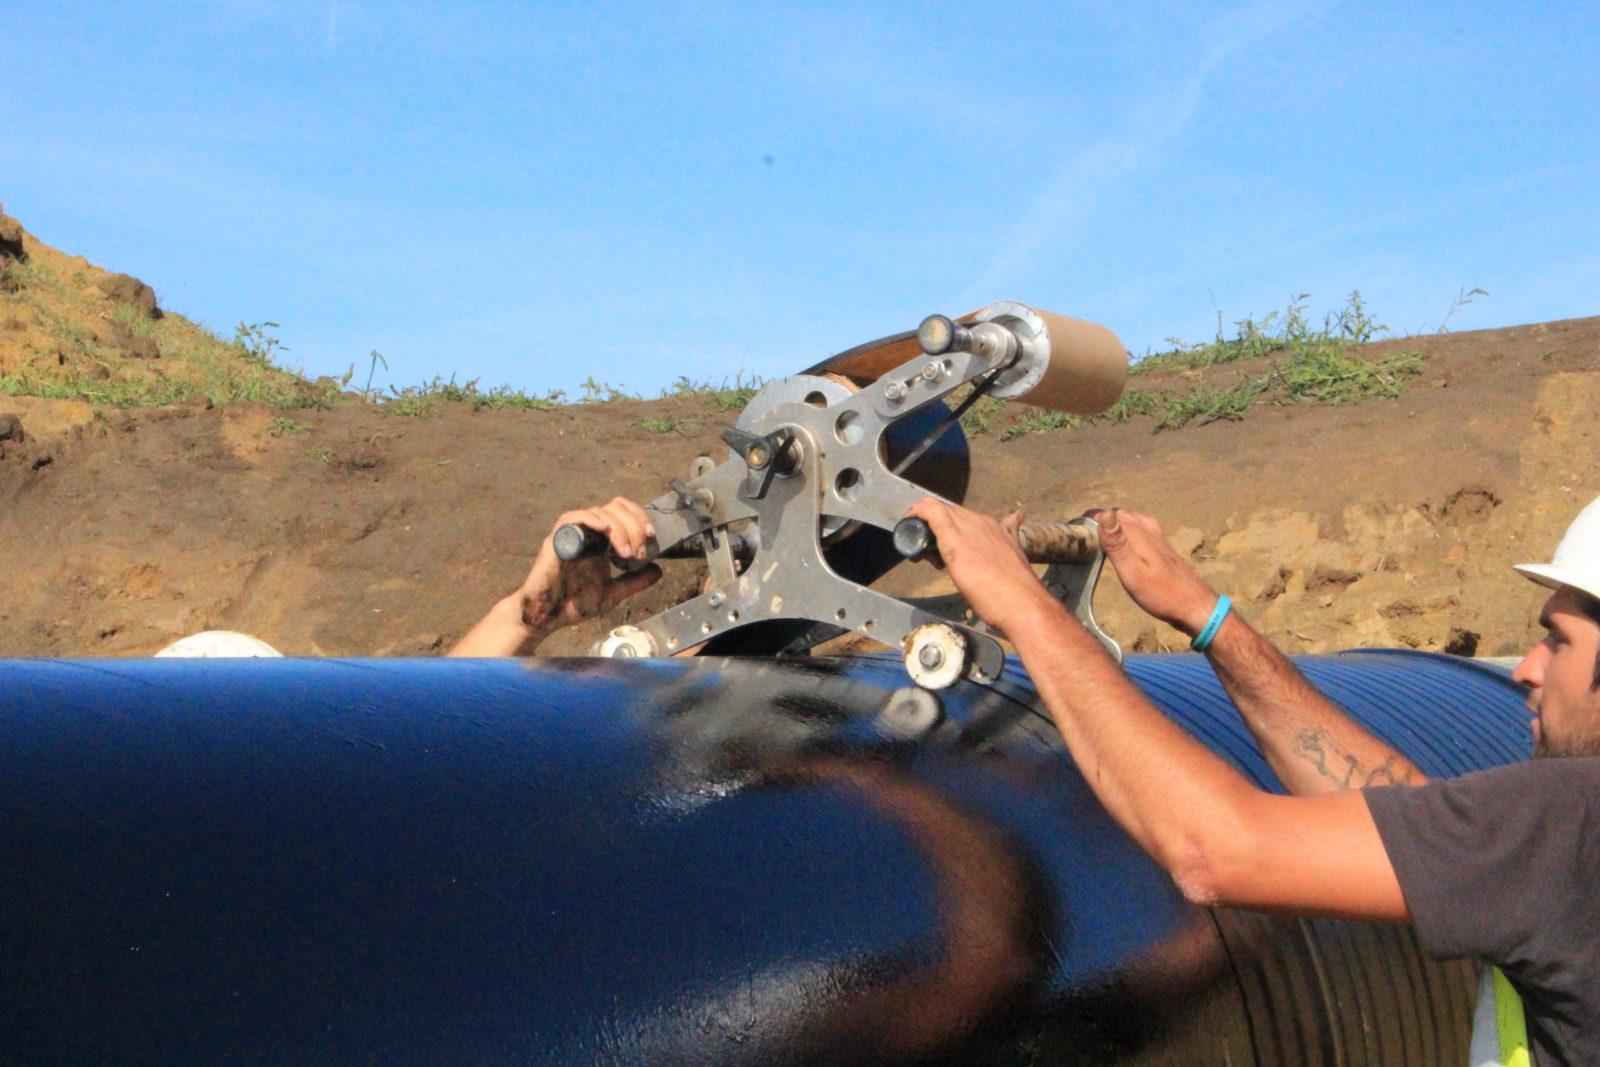 Ovíjení potrubí pomocí strojku